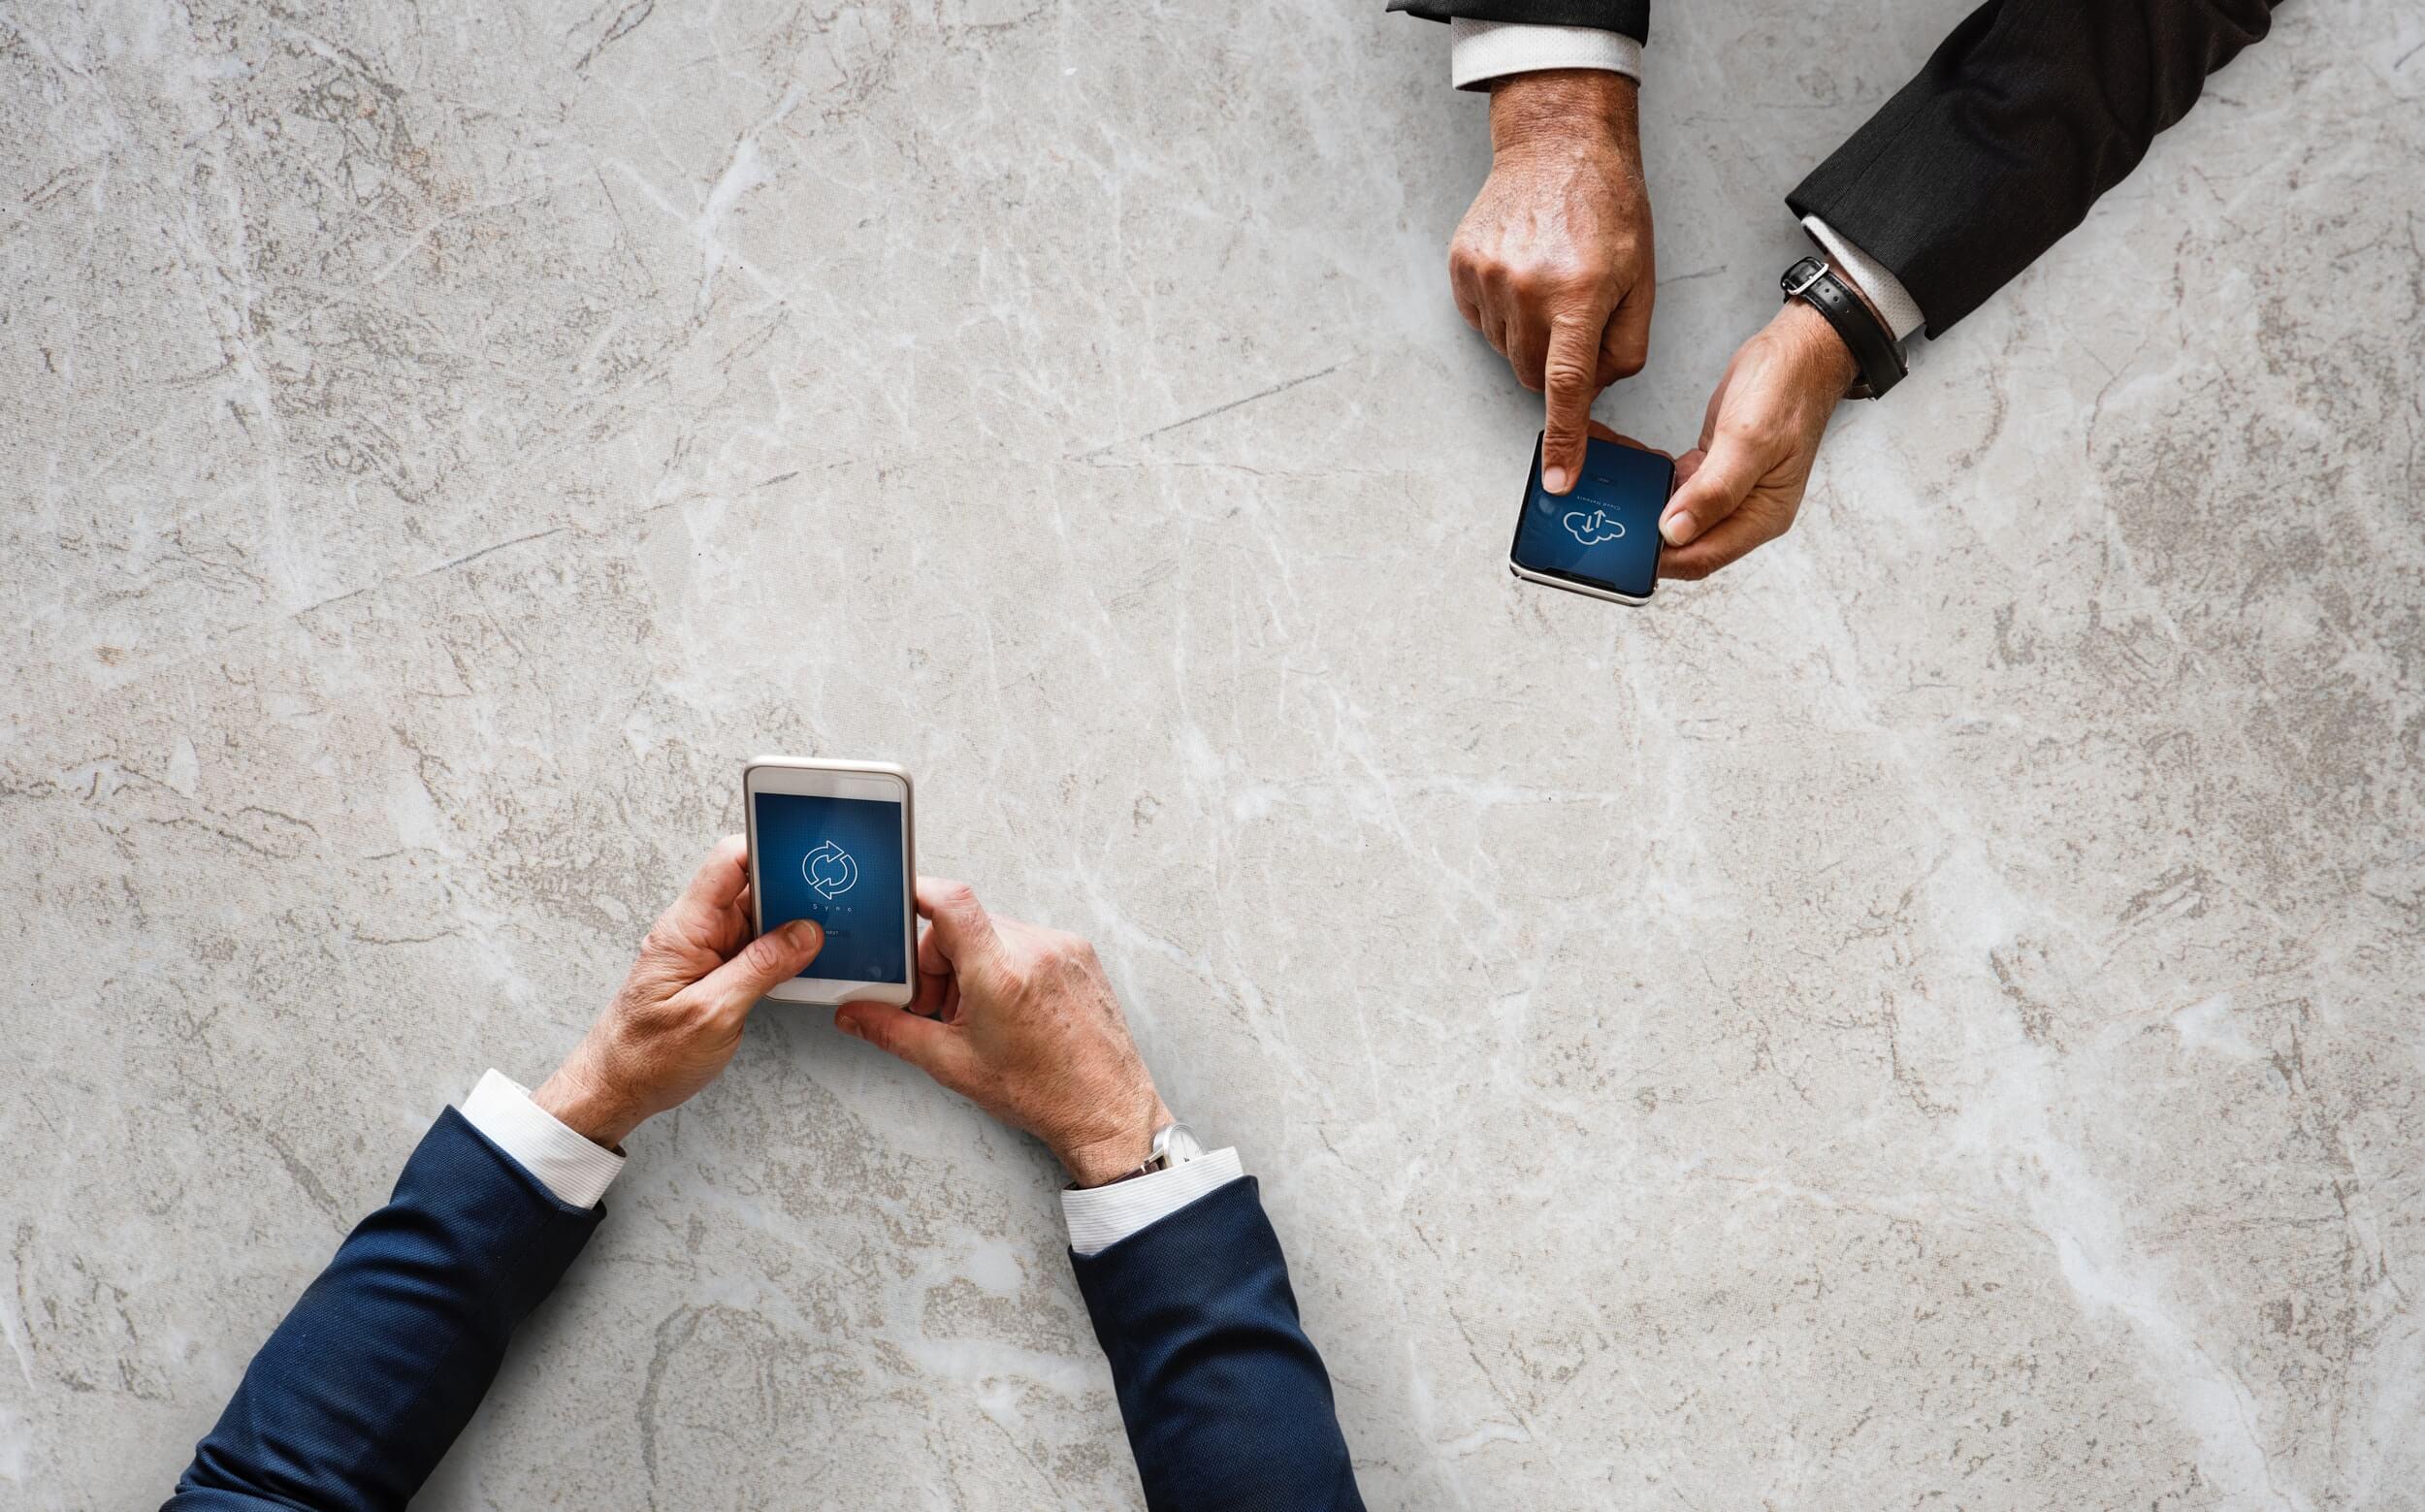 パートナー提携のレベニューシェアでアプリ開発を成功させるには?